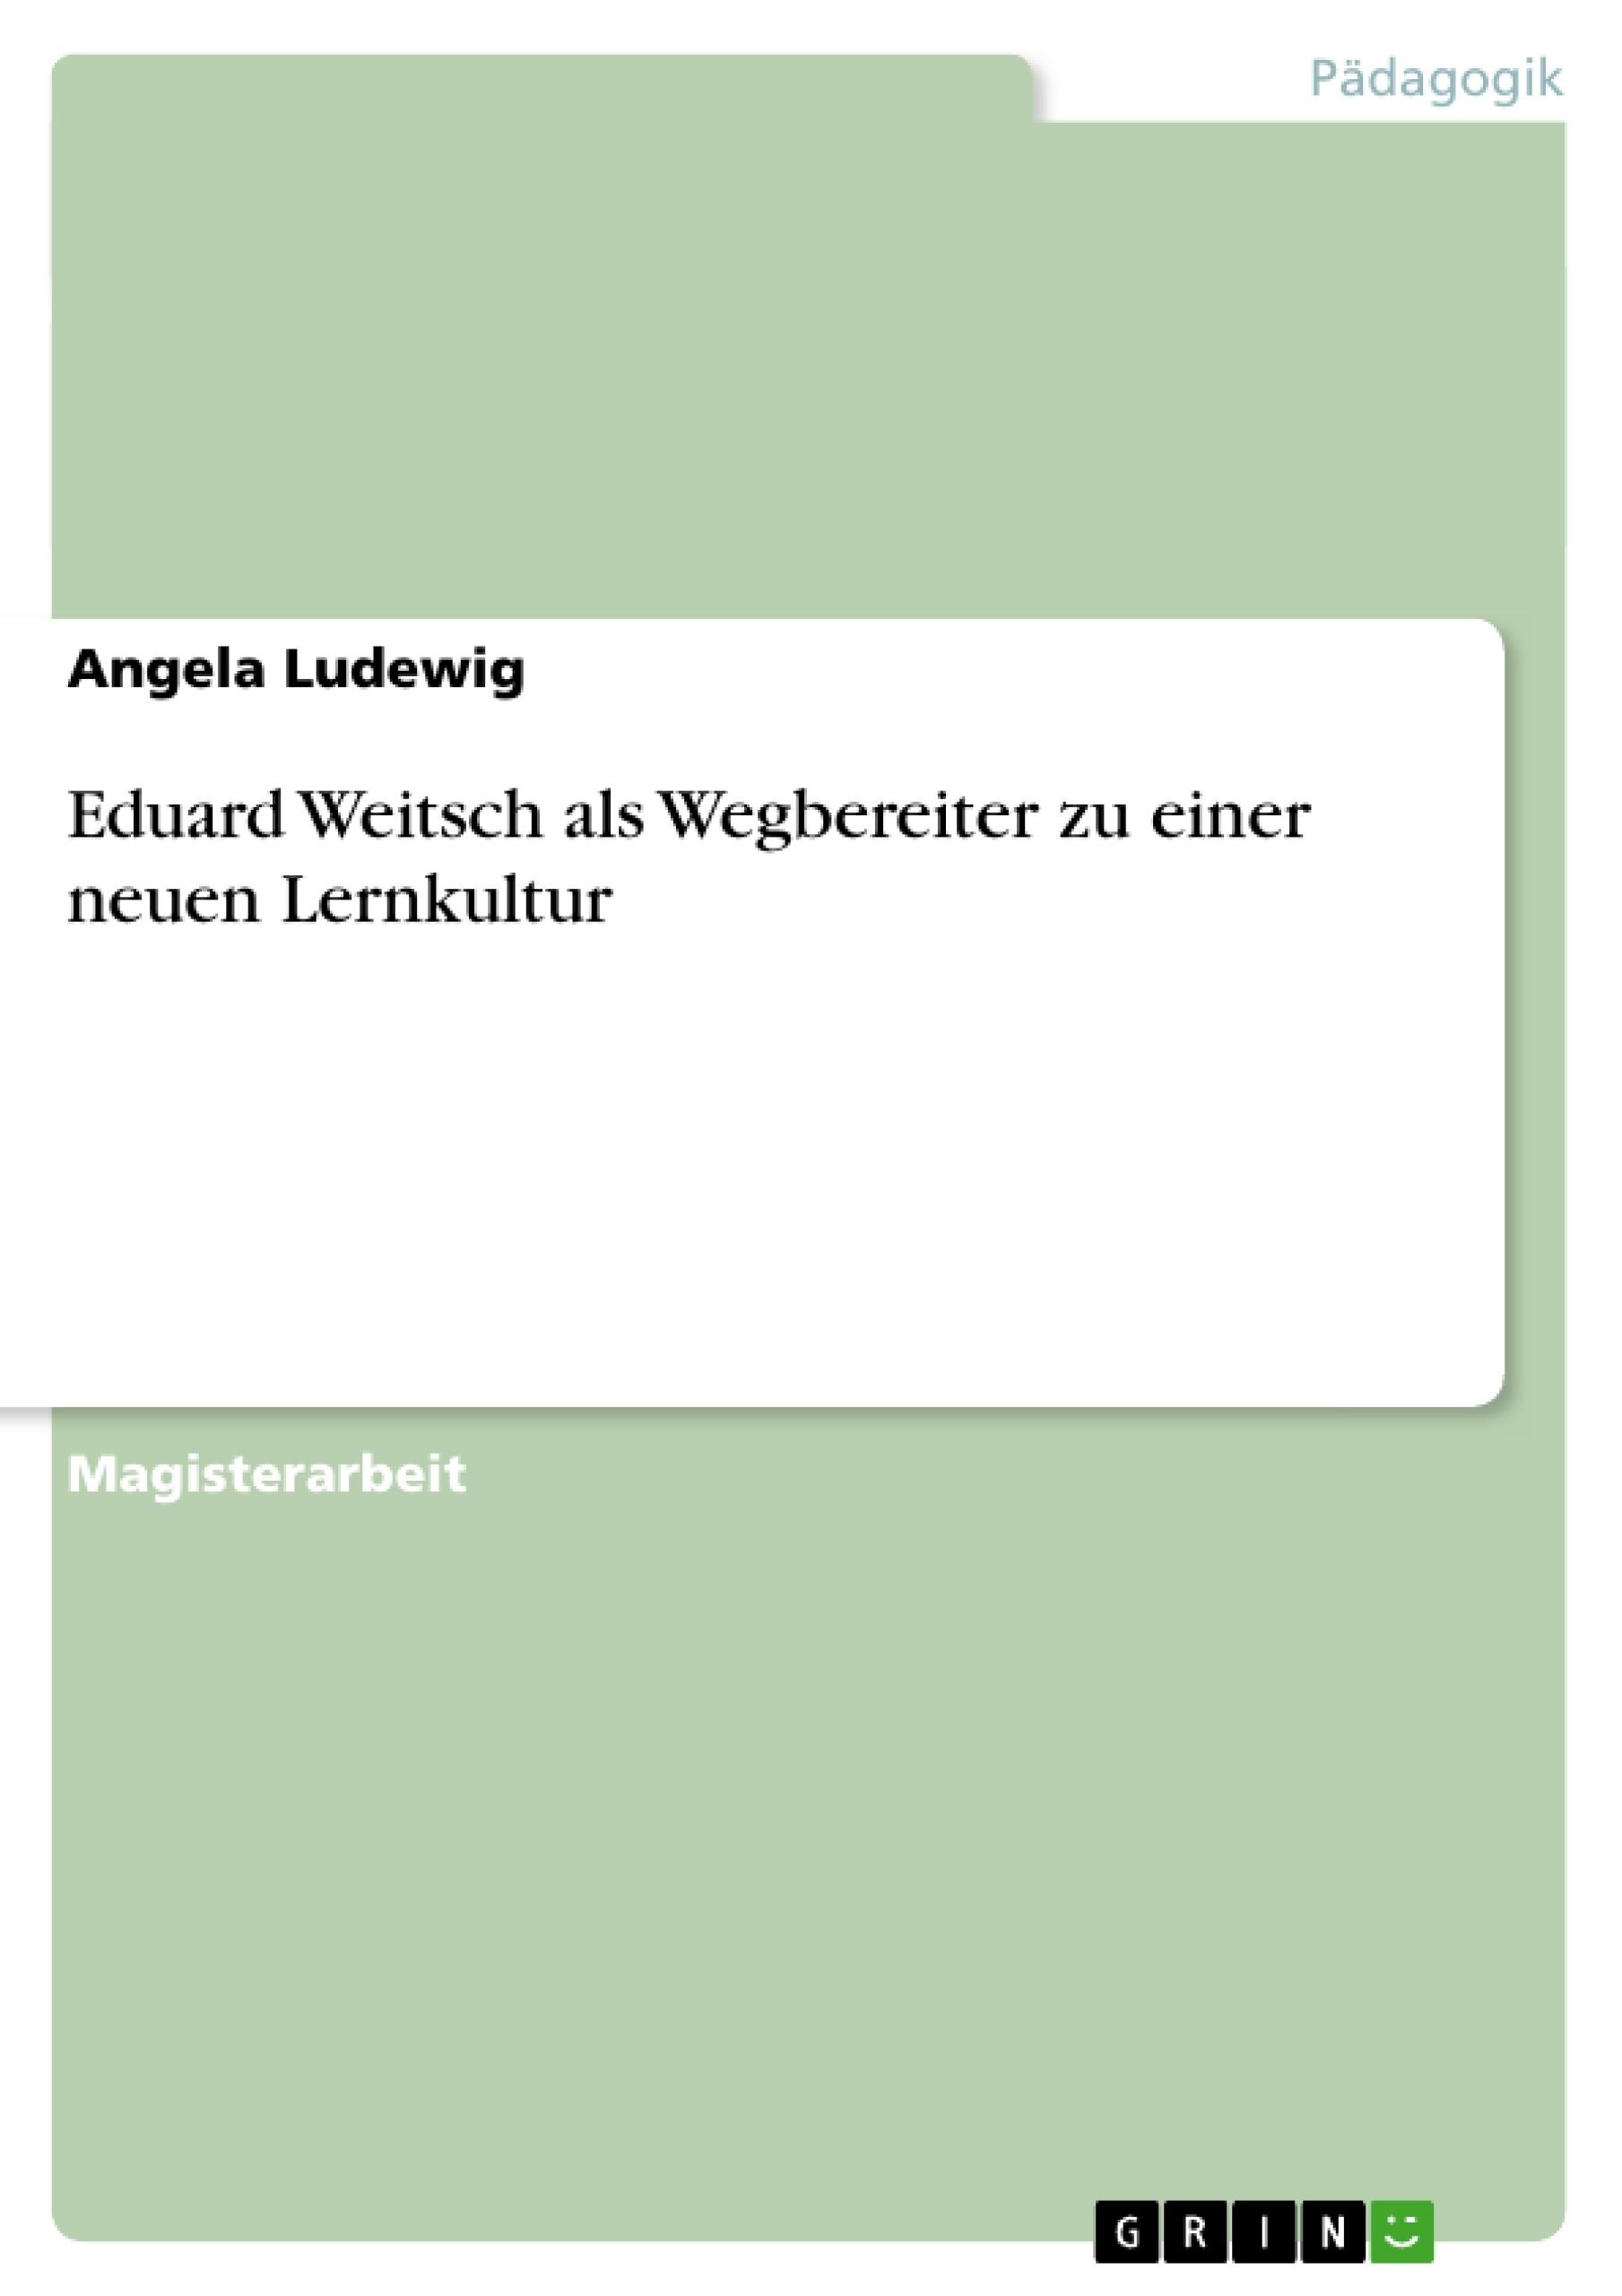 Titel: Eduard Weitsch als Wegbereiter zu einer neuen Lernkultur